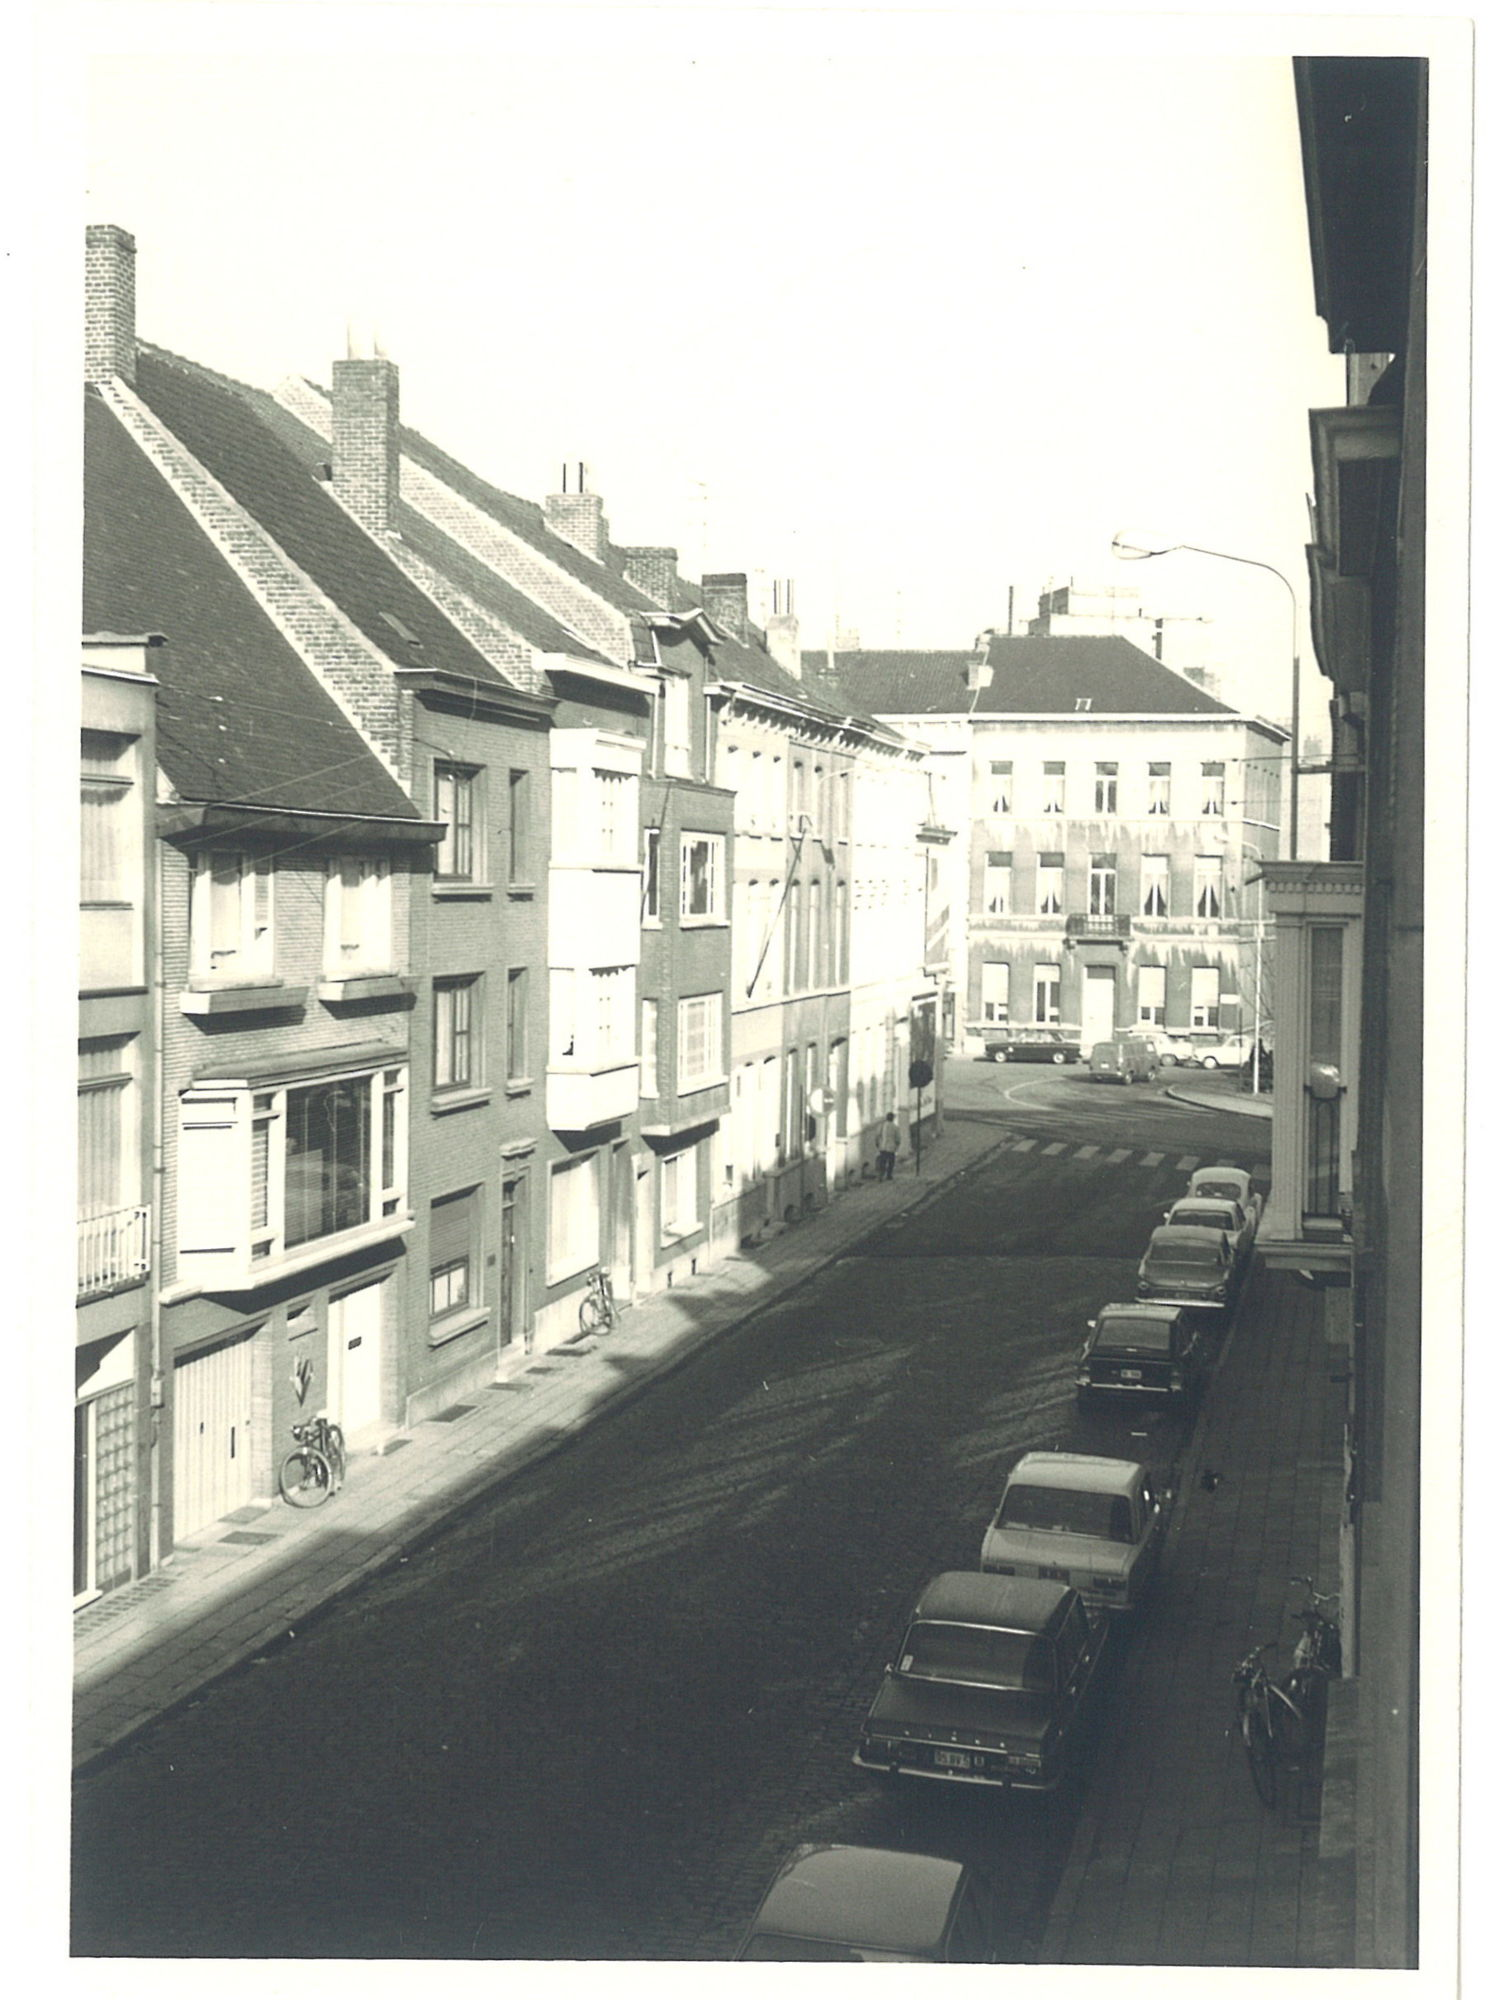 Roeland Saverystraat